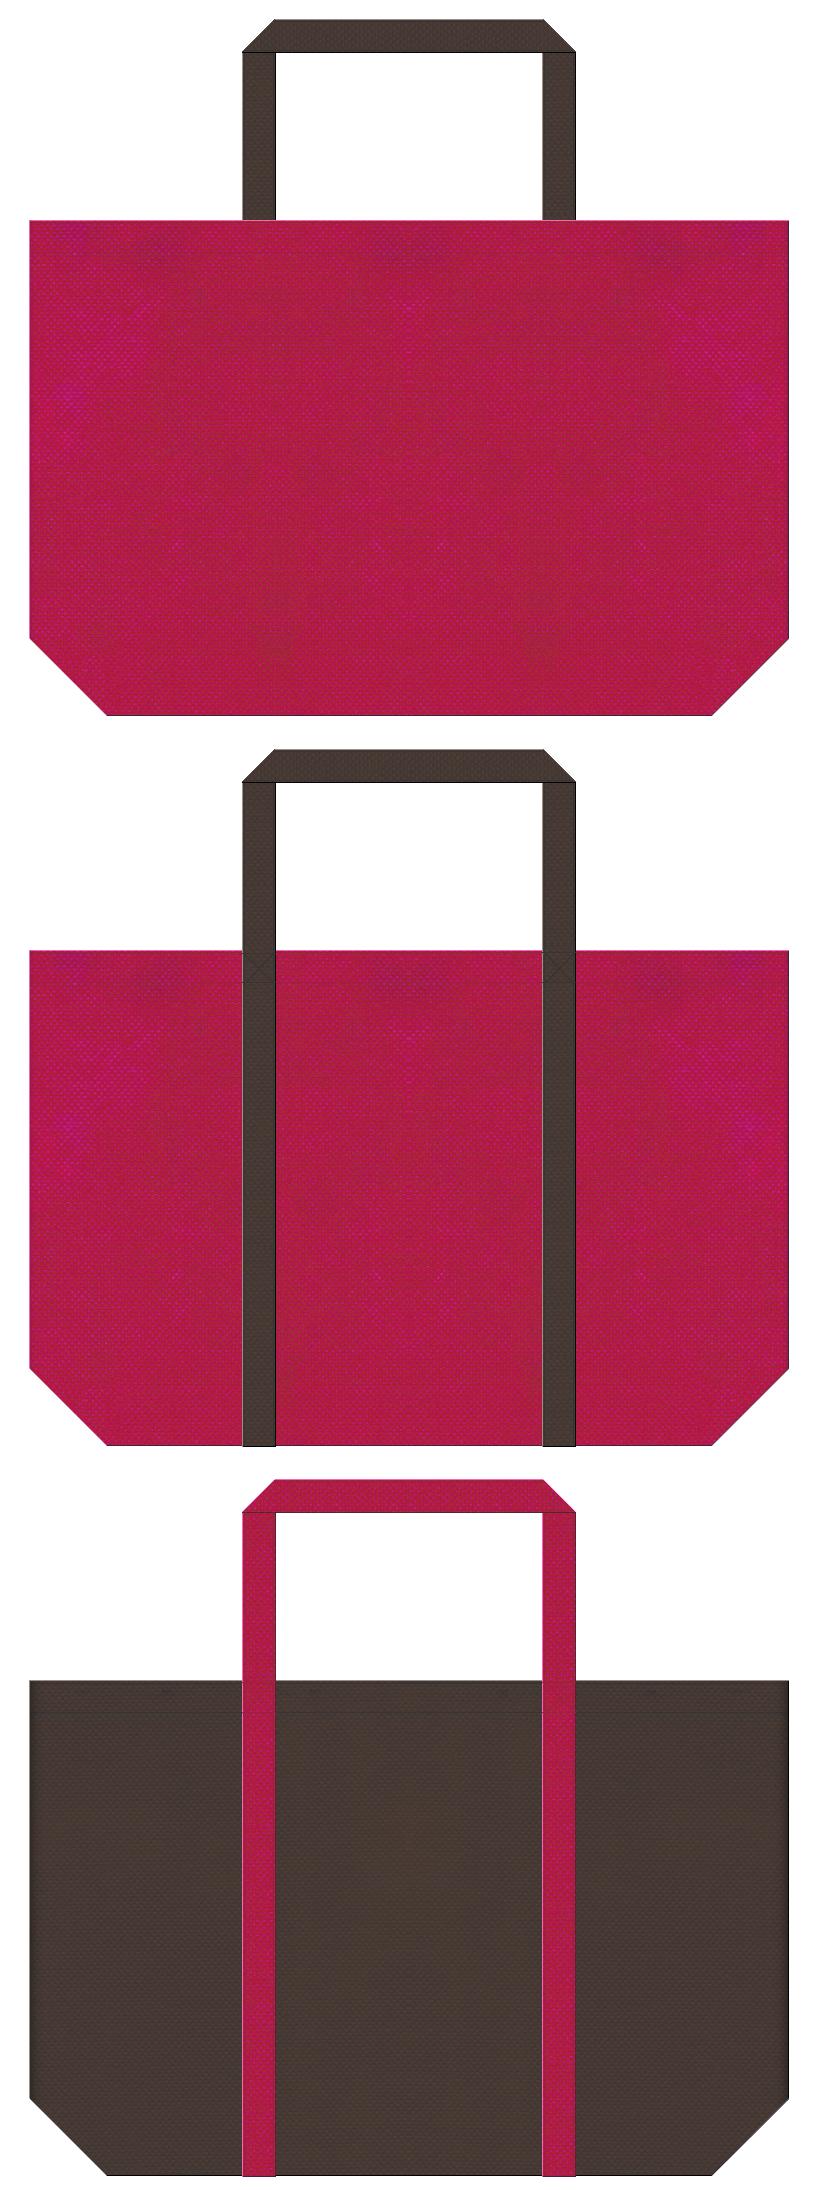 和風催事・振袖・梅・姫・ゲーム・ネイル・靴・ウィッグ・コスプレイベント・南国・ハワイアン・アロハシャツ・トロピカル・観光リゾート・トラベルバッグにお奨めの不織布バッグデザイン:濃いピンク色とこげ茶色のコーデ